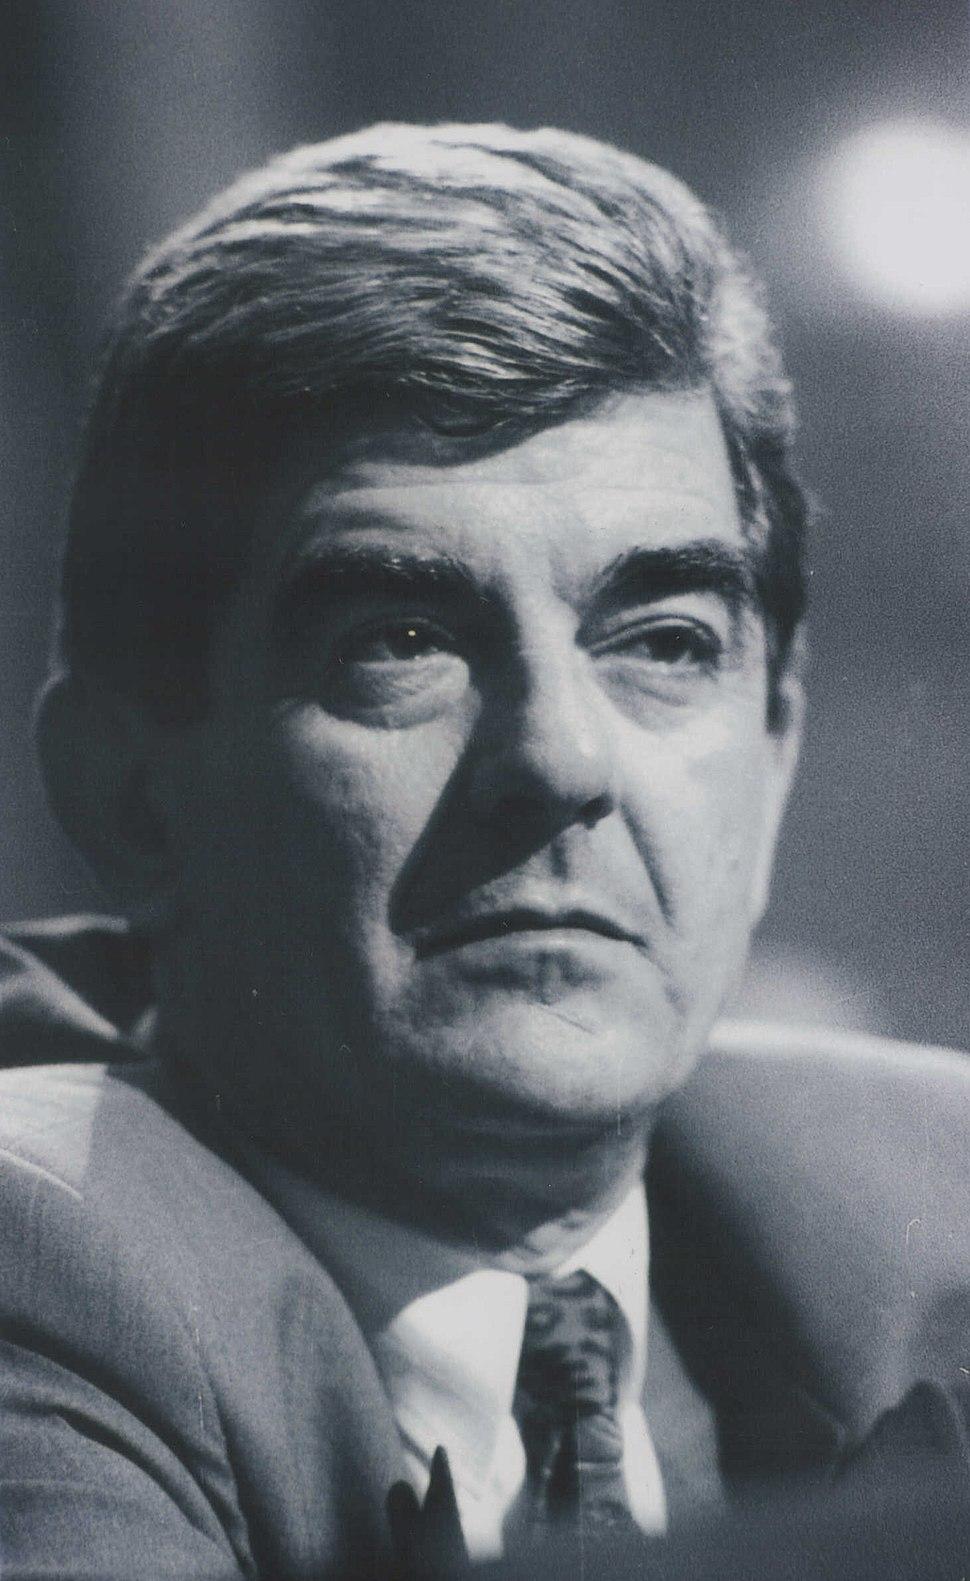 Stevan Kragujevic,Radoje Kontic, jugoslovenski i crnogorski politicar